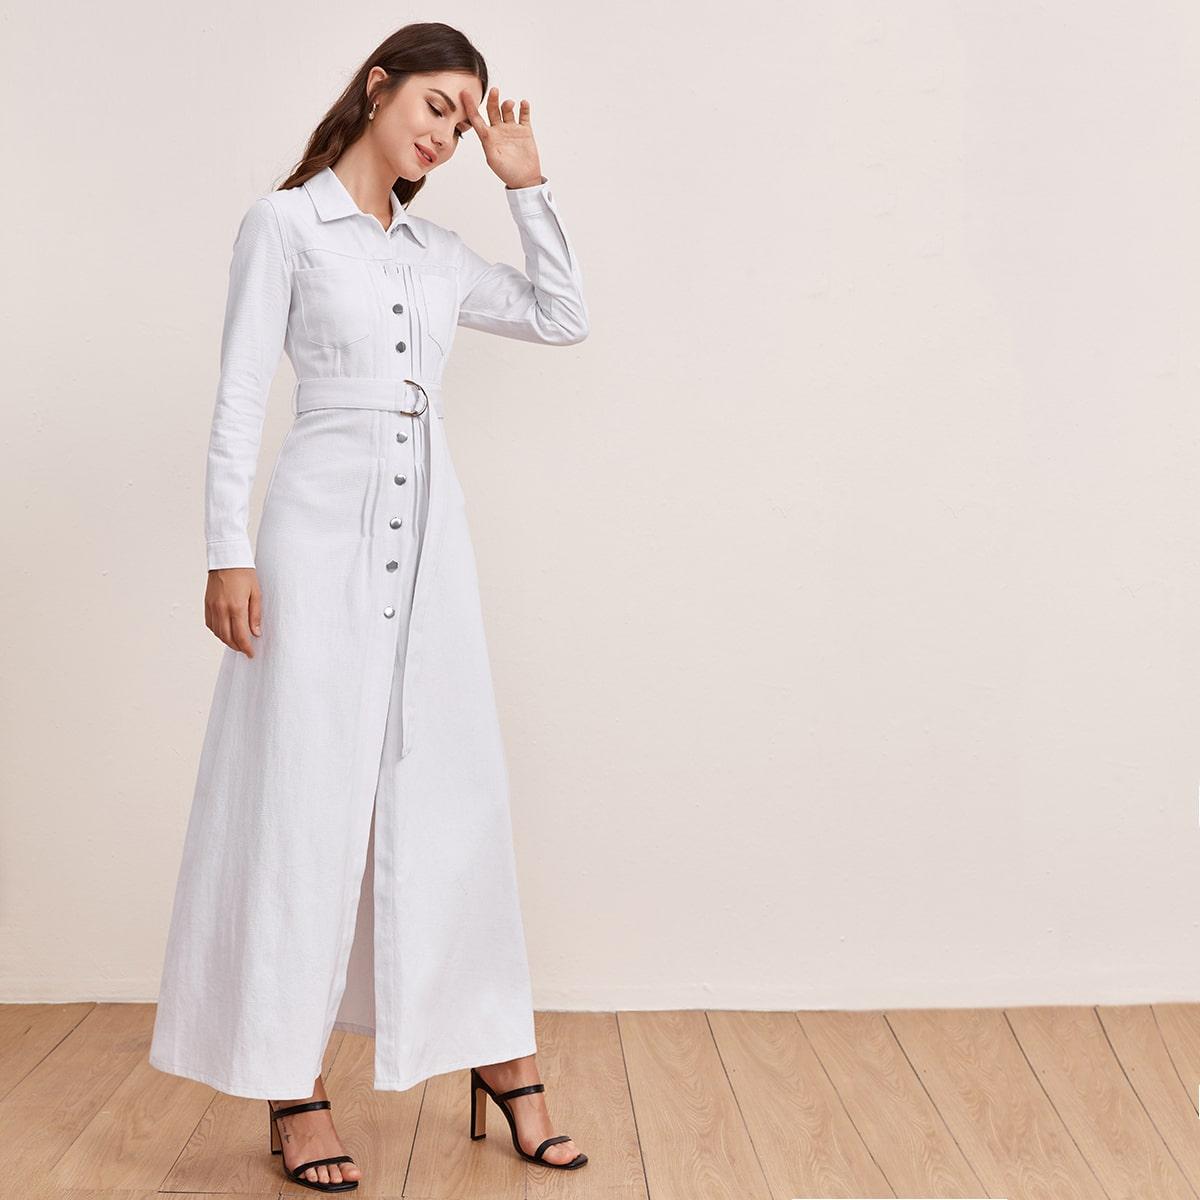 Джинсовое платье с пуговицами и поясом